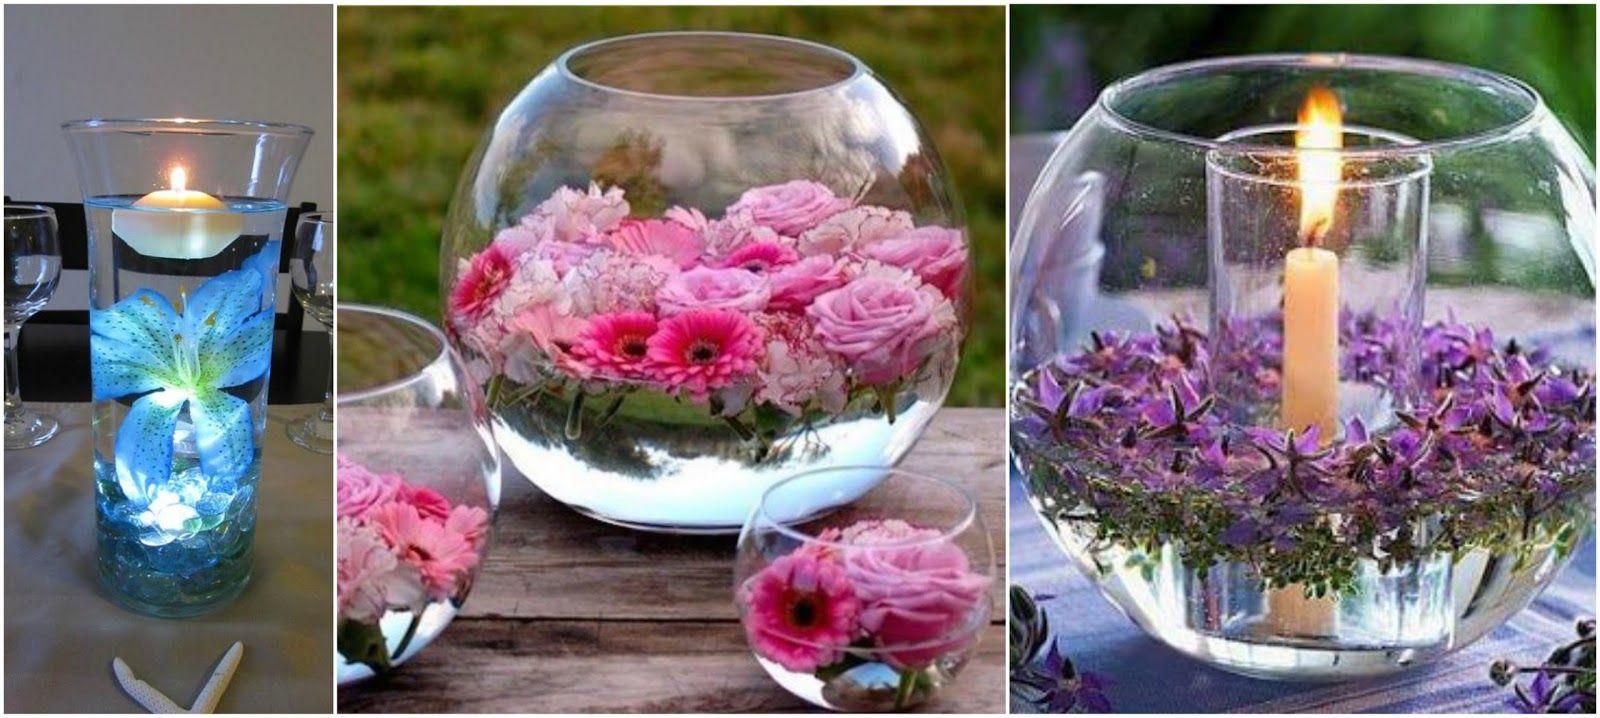 Peceras para tu mesa con flores flotantes truco casero - Centros de mesa con peceras ...